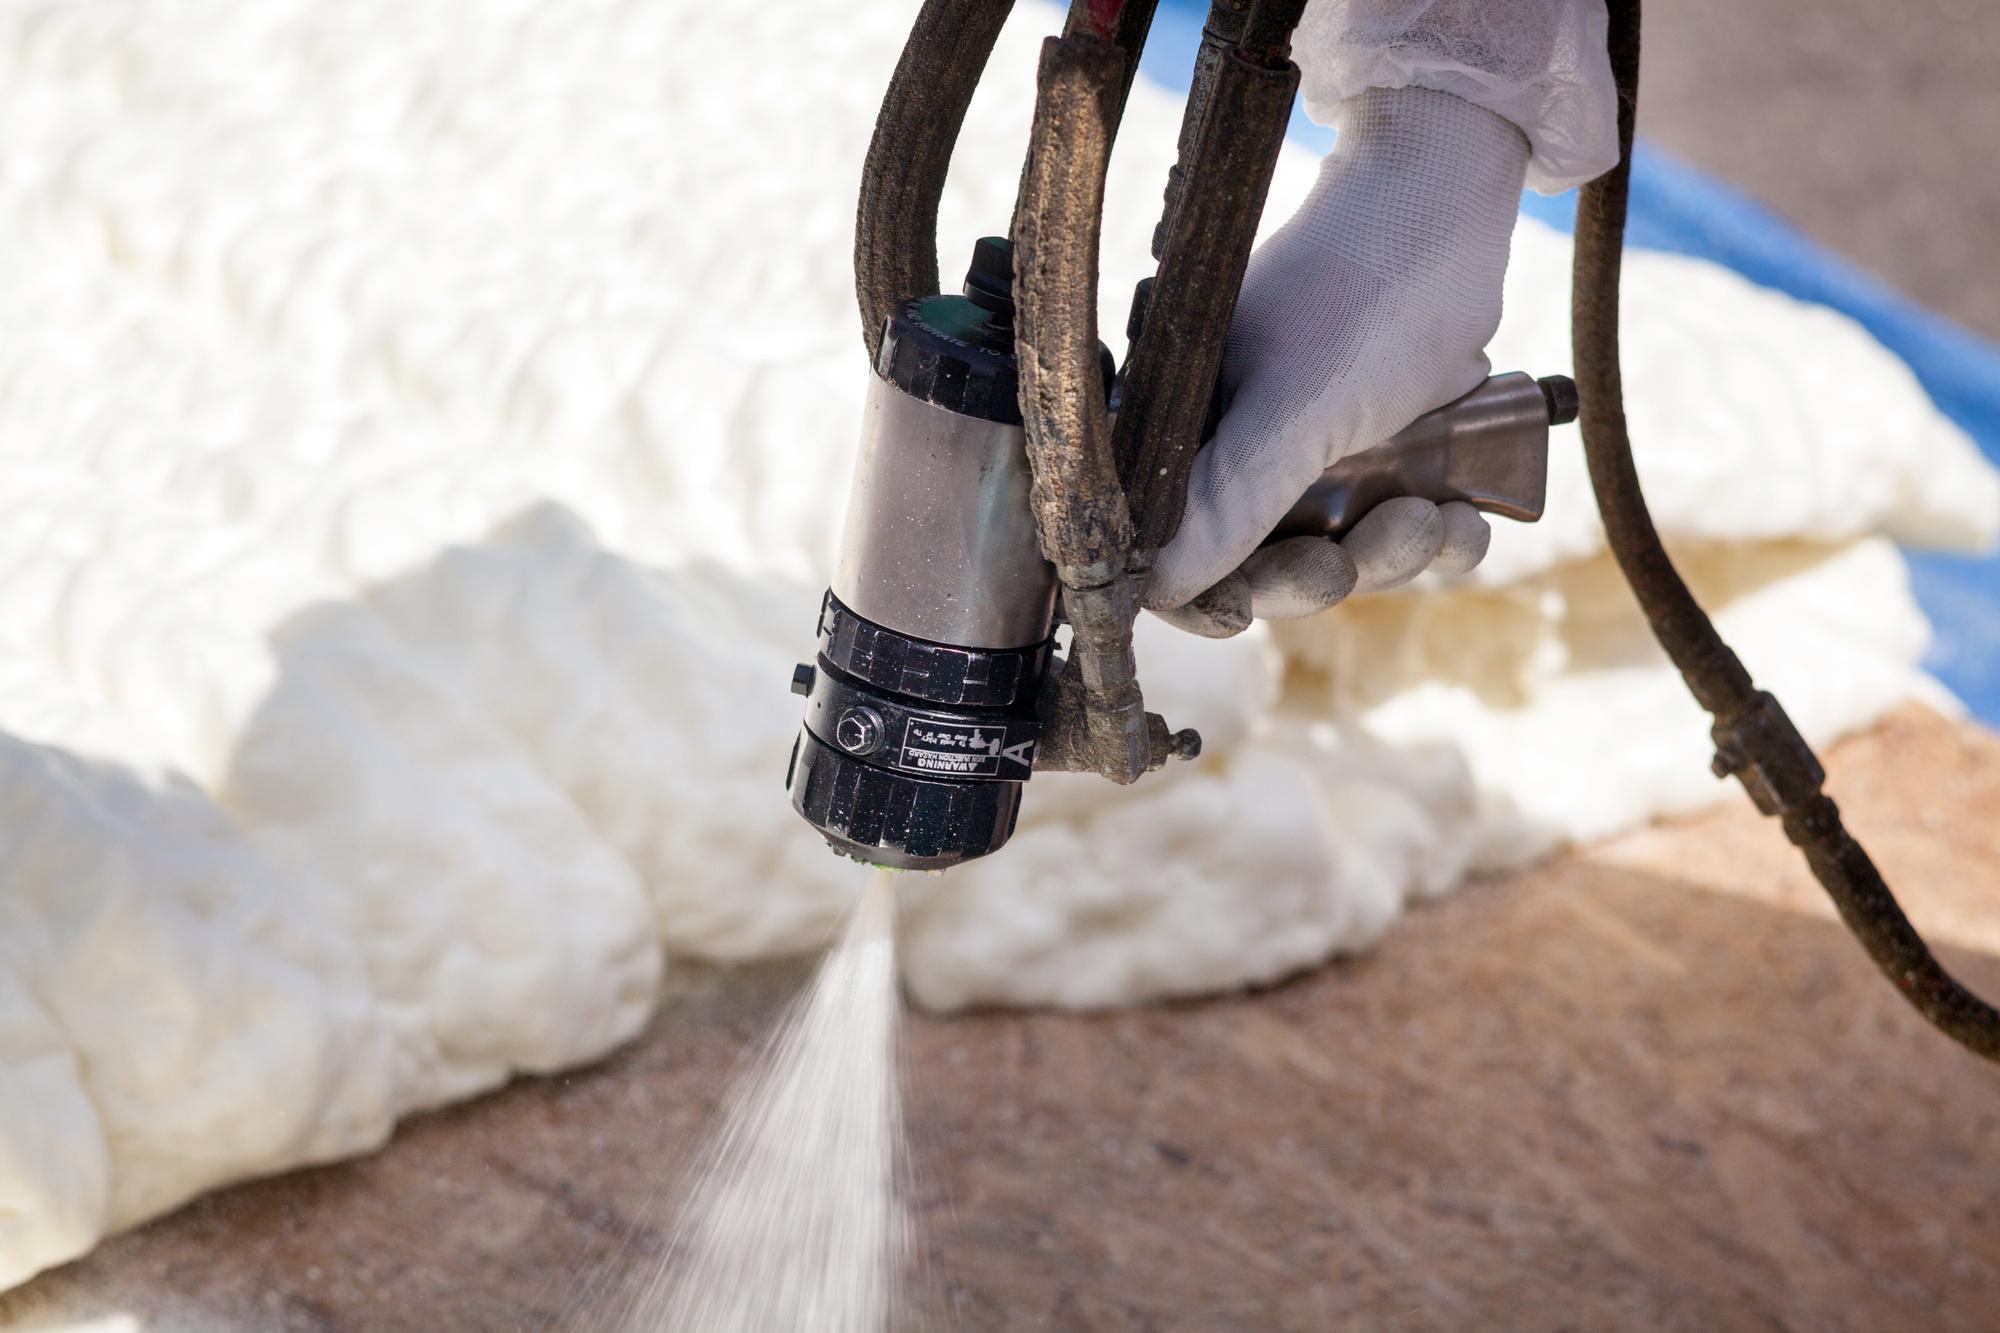 Dustless Sandblasting Vs Pressure Washing: Which is Best?